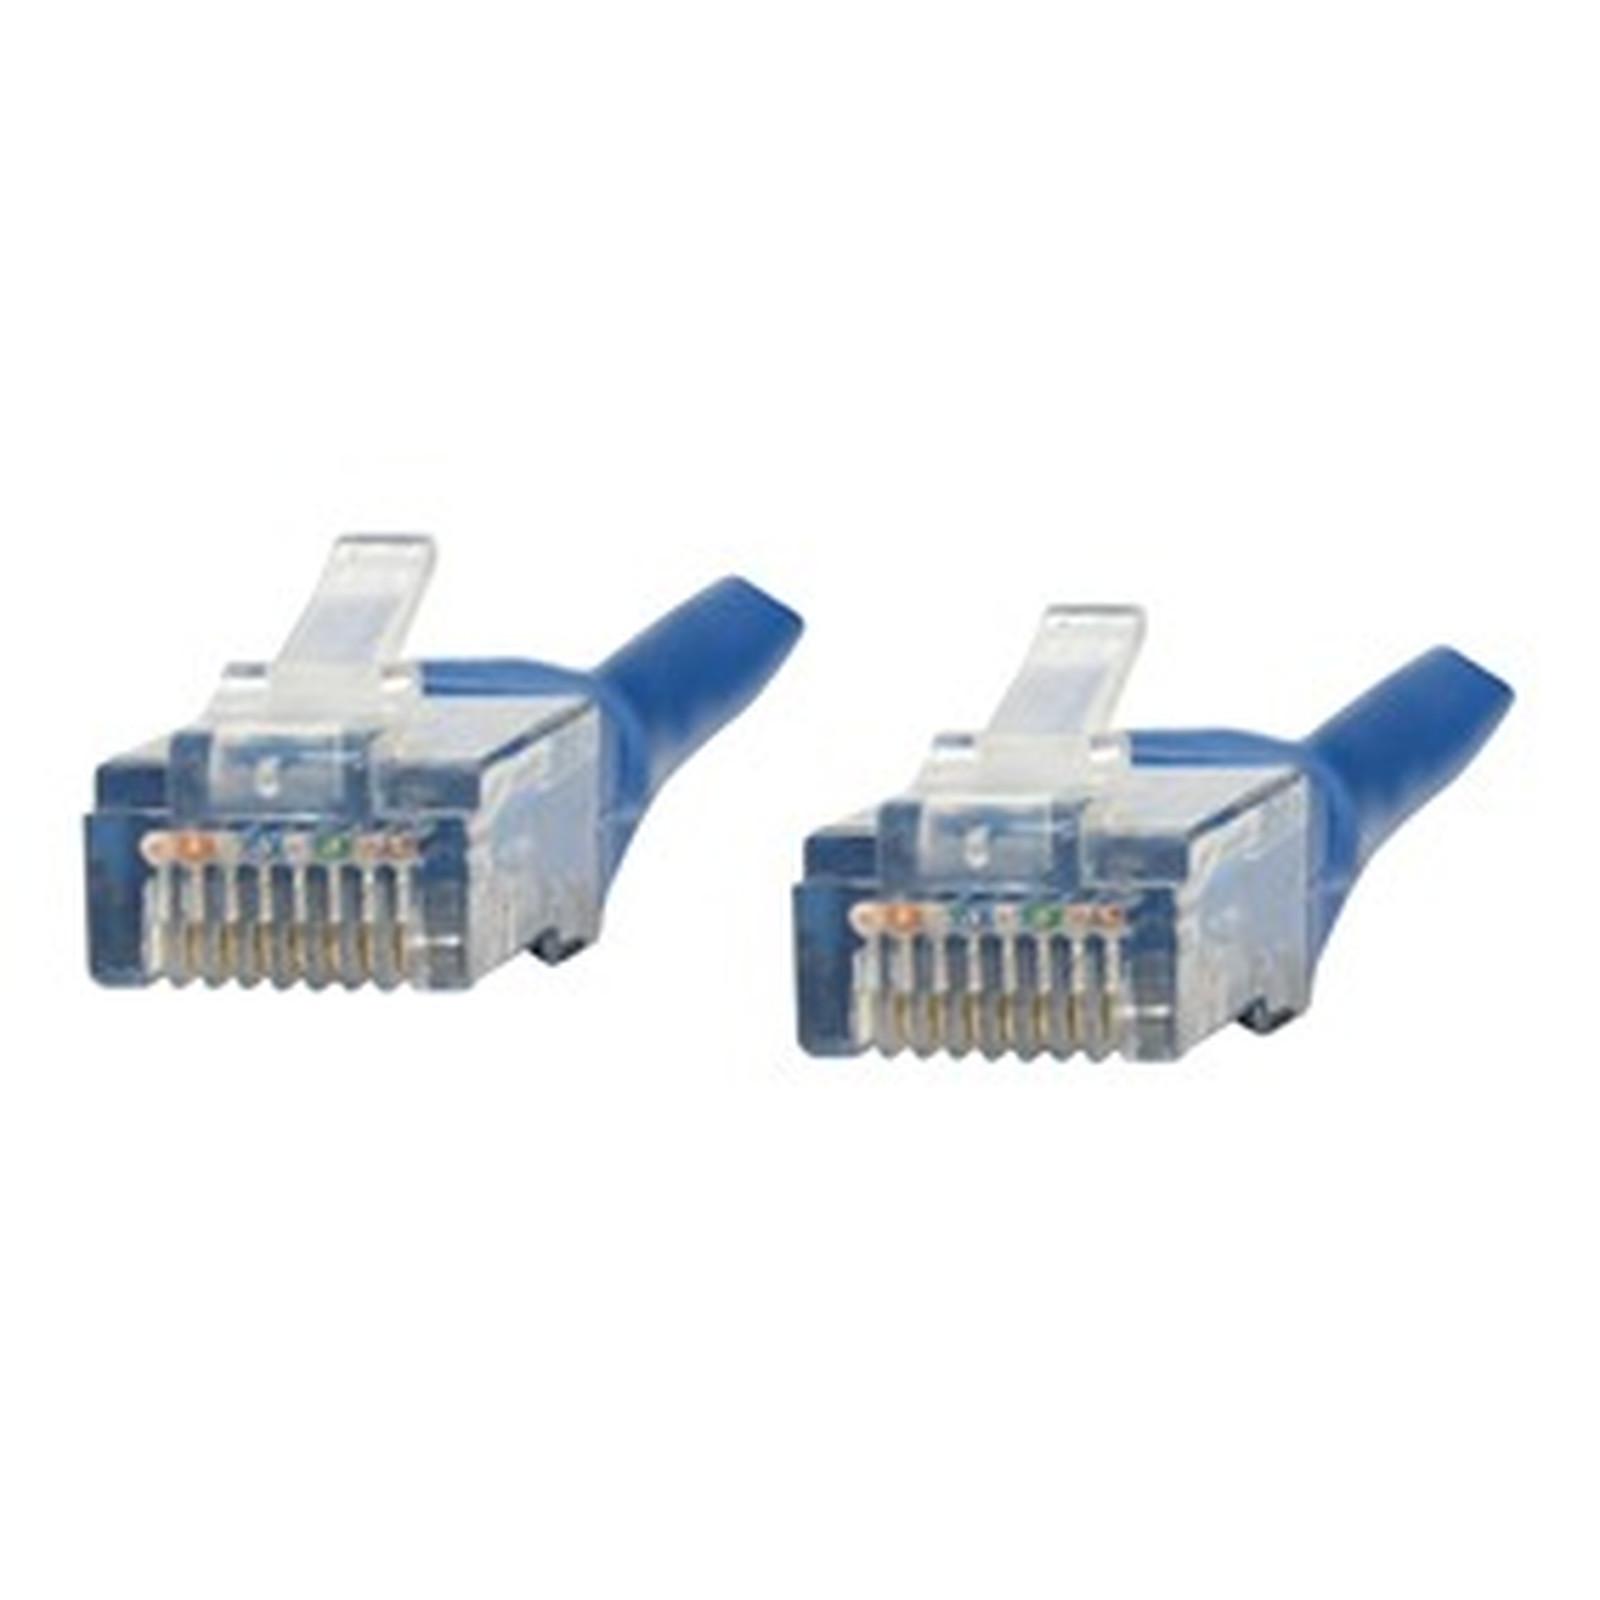 Cable RJ45 de categoría 5e U/UTP 3 m (azul)